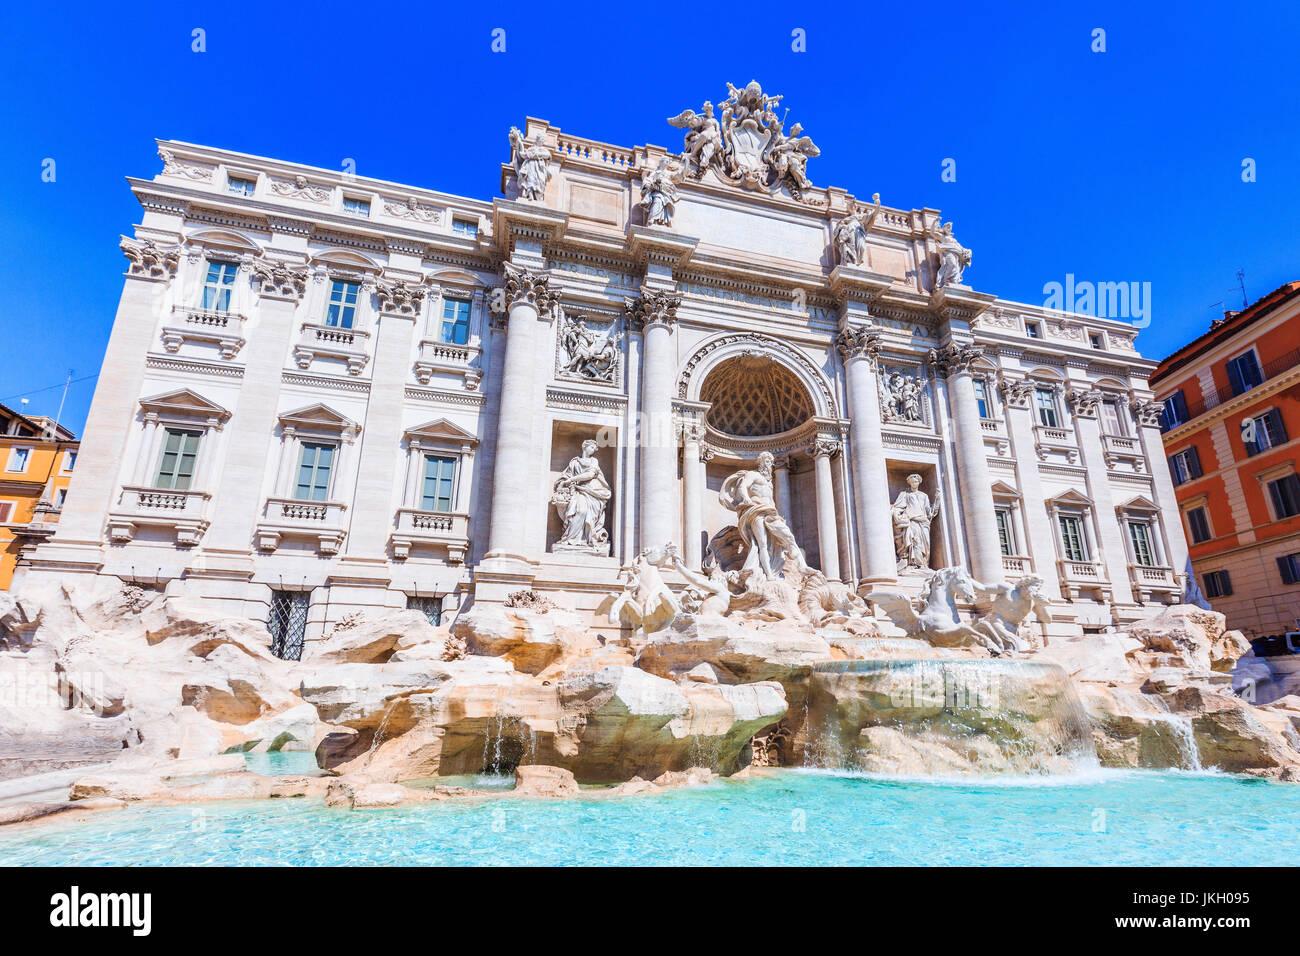 Rom, Italien. Trevi-Brunnen (Fontana di Trevi) berühmteste Brunnen Roms. Stockbild